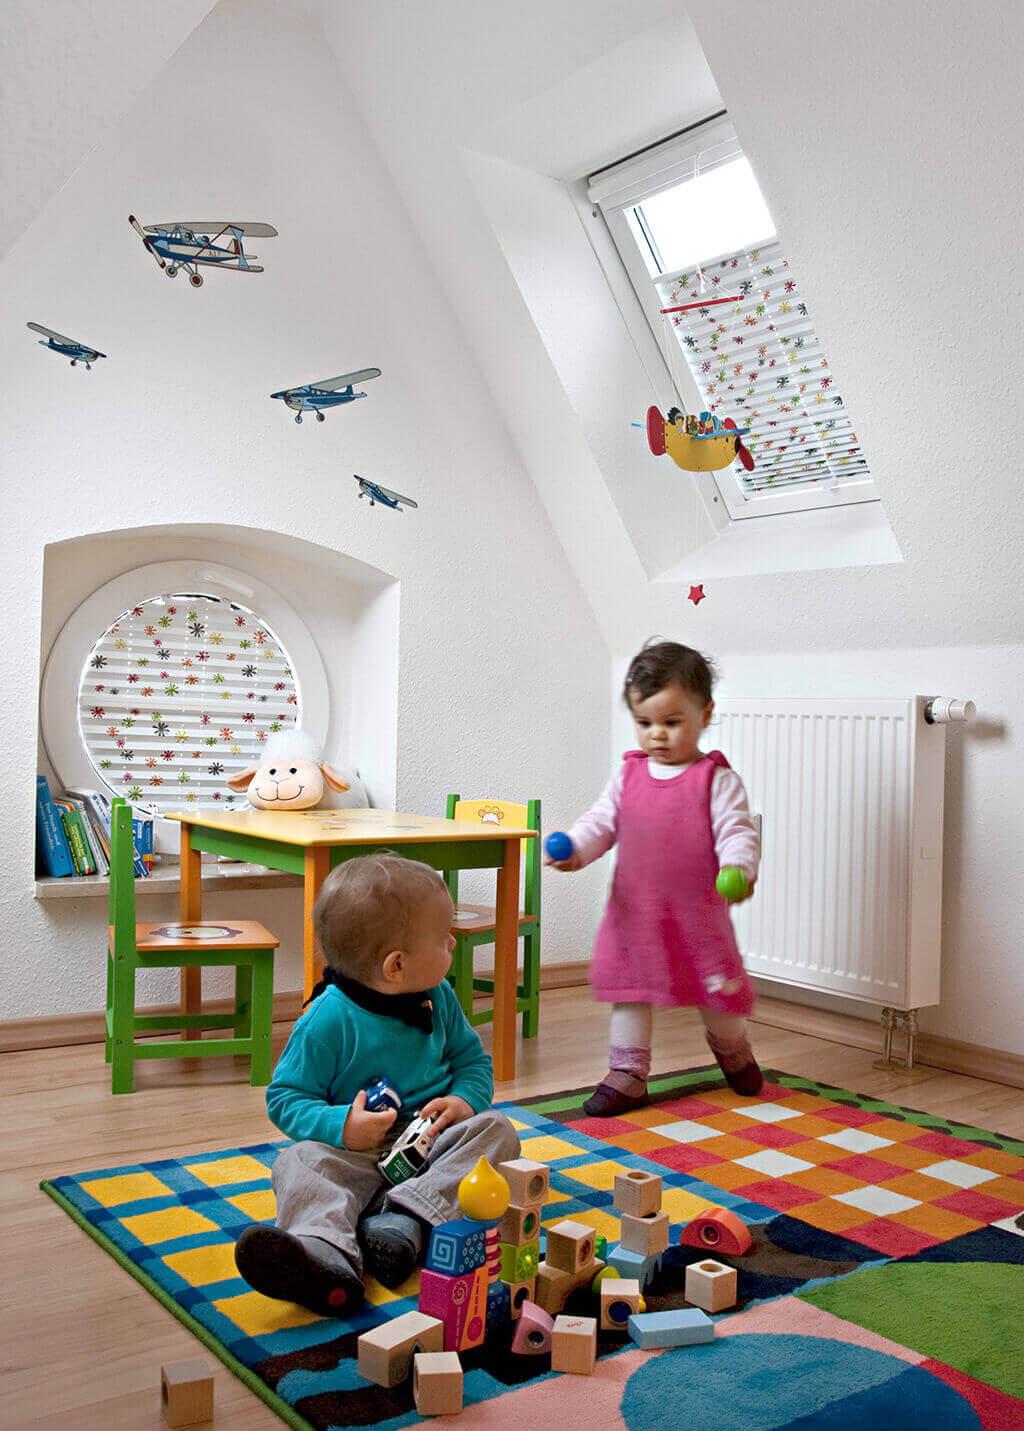 Full Size of Verdunkelung Kinderzimmer Rollos Und Plissees Mit Motiven Fenster Sofa Regal Weiß Regale Kinderzimmer Verdunkelung Kinderzimmer